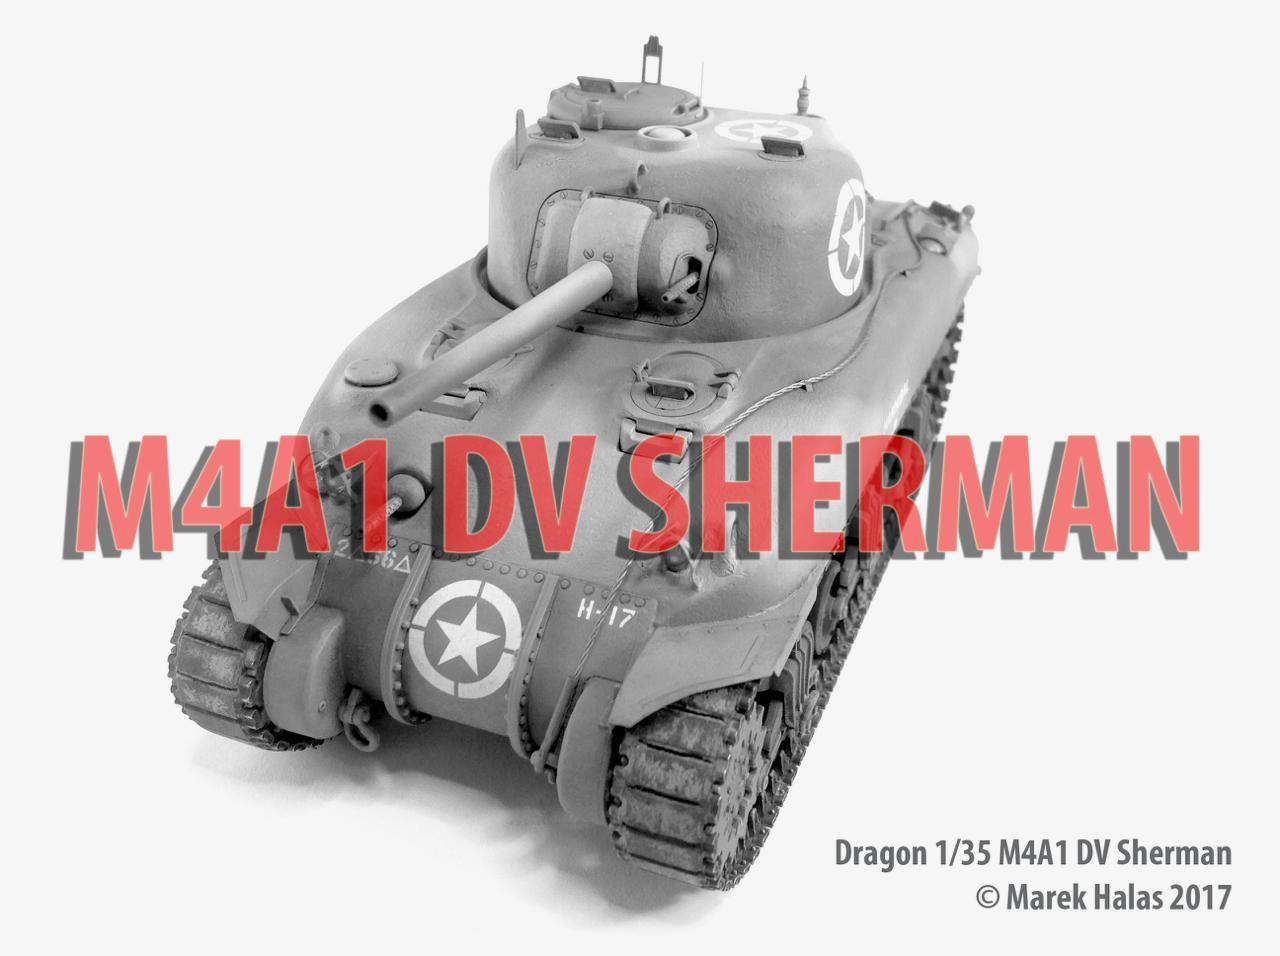 Dragon 1/35 M4A1 DV Sherman Tank | iModeler